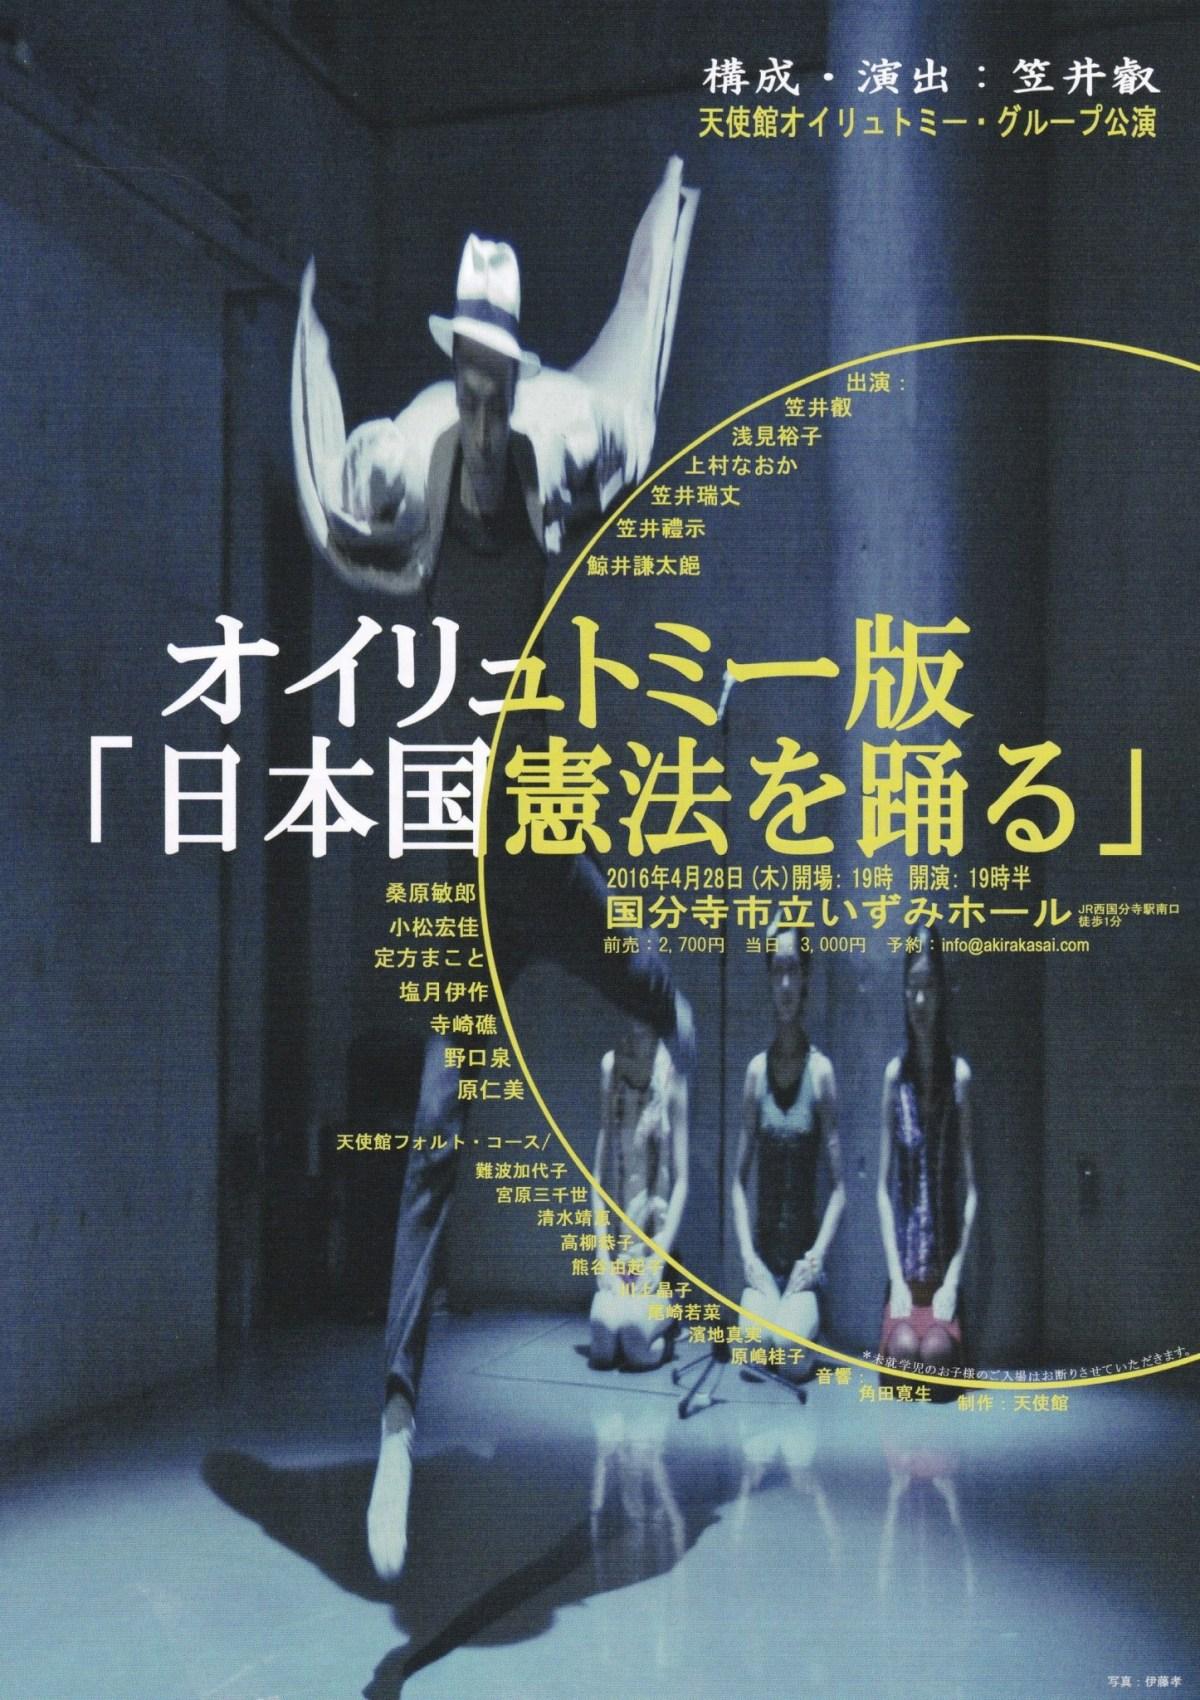 オイリュトミー版「日本国憲法を踊る」